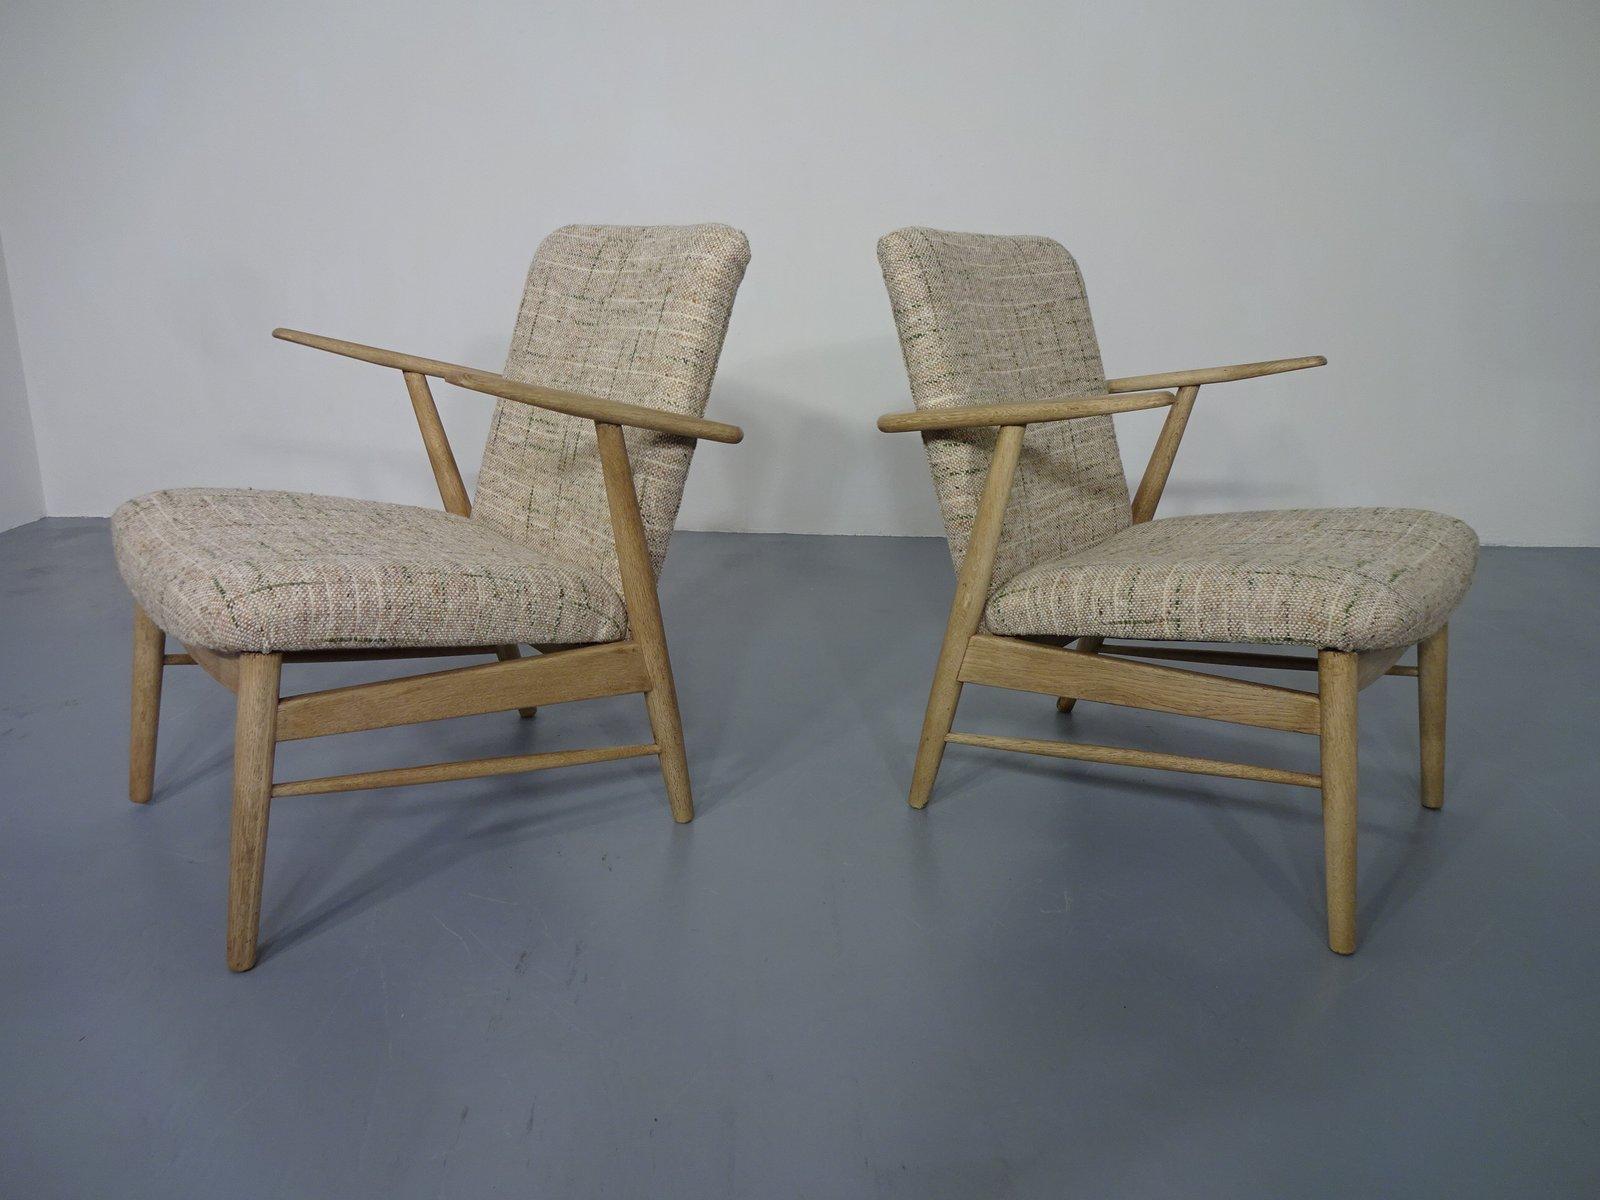 Dänische Vintage Eiche Sessel mit Armlehnen, 2er Set